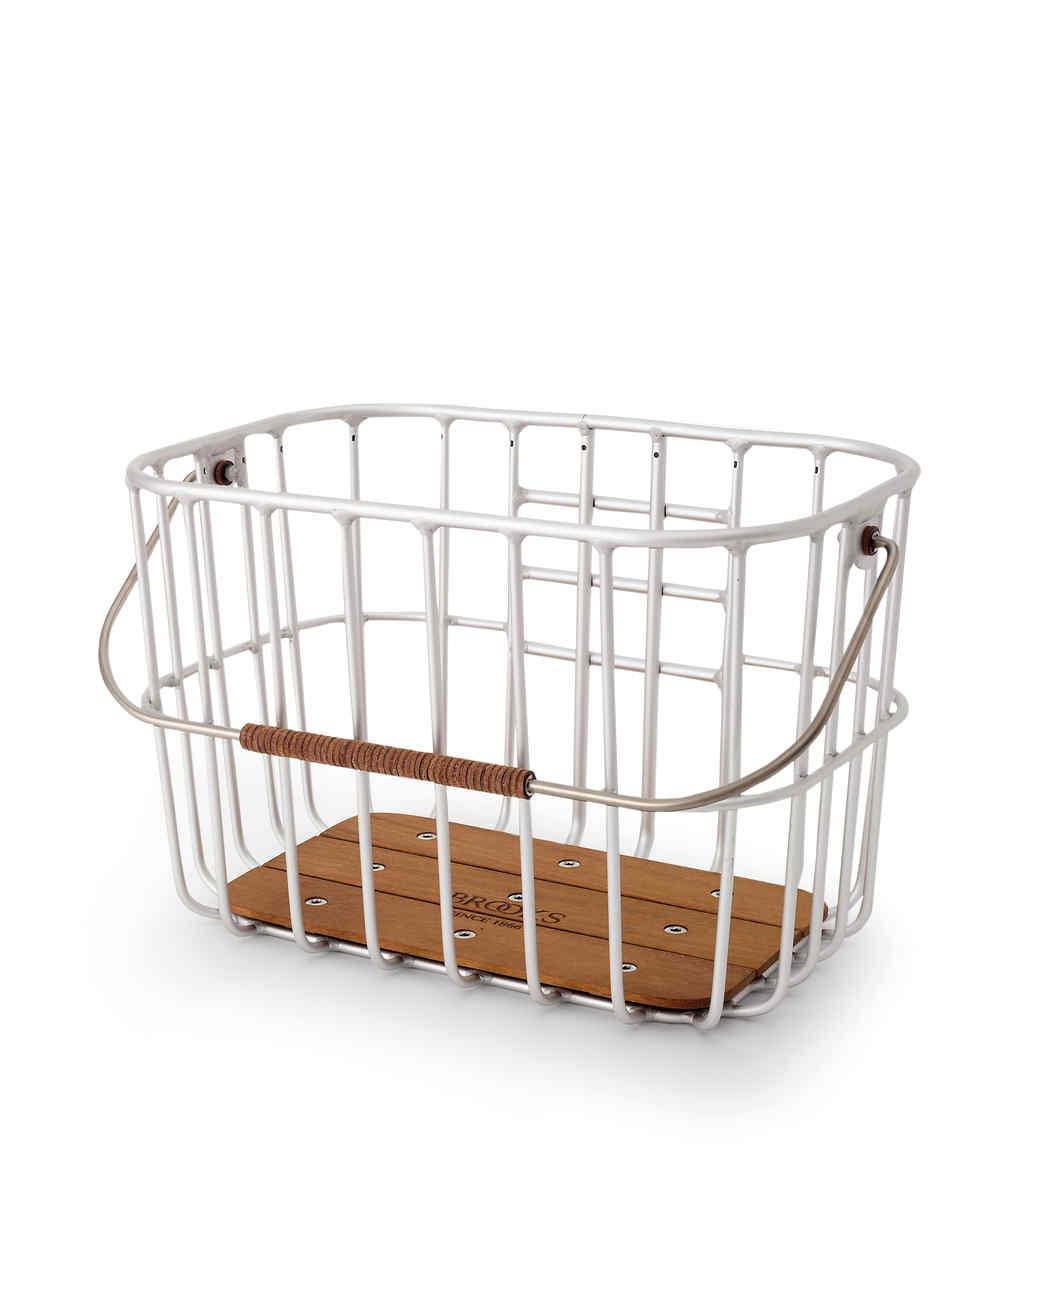 basket-finds-0811mld107422.jpg